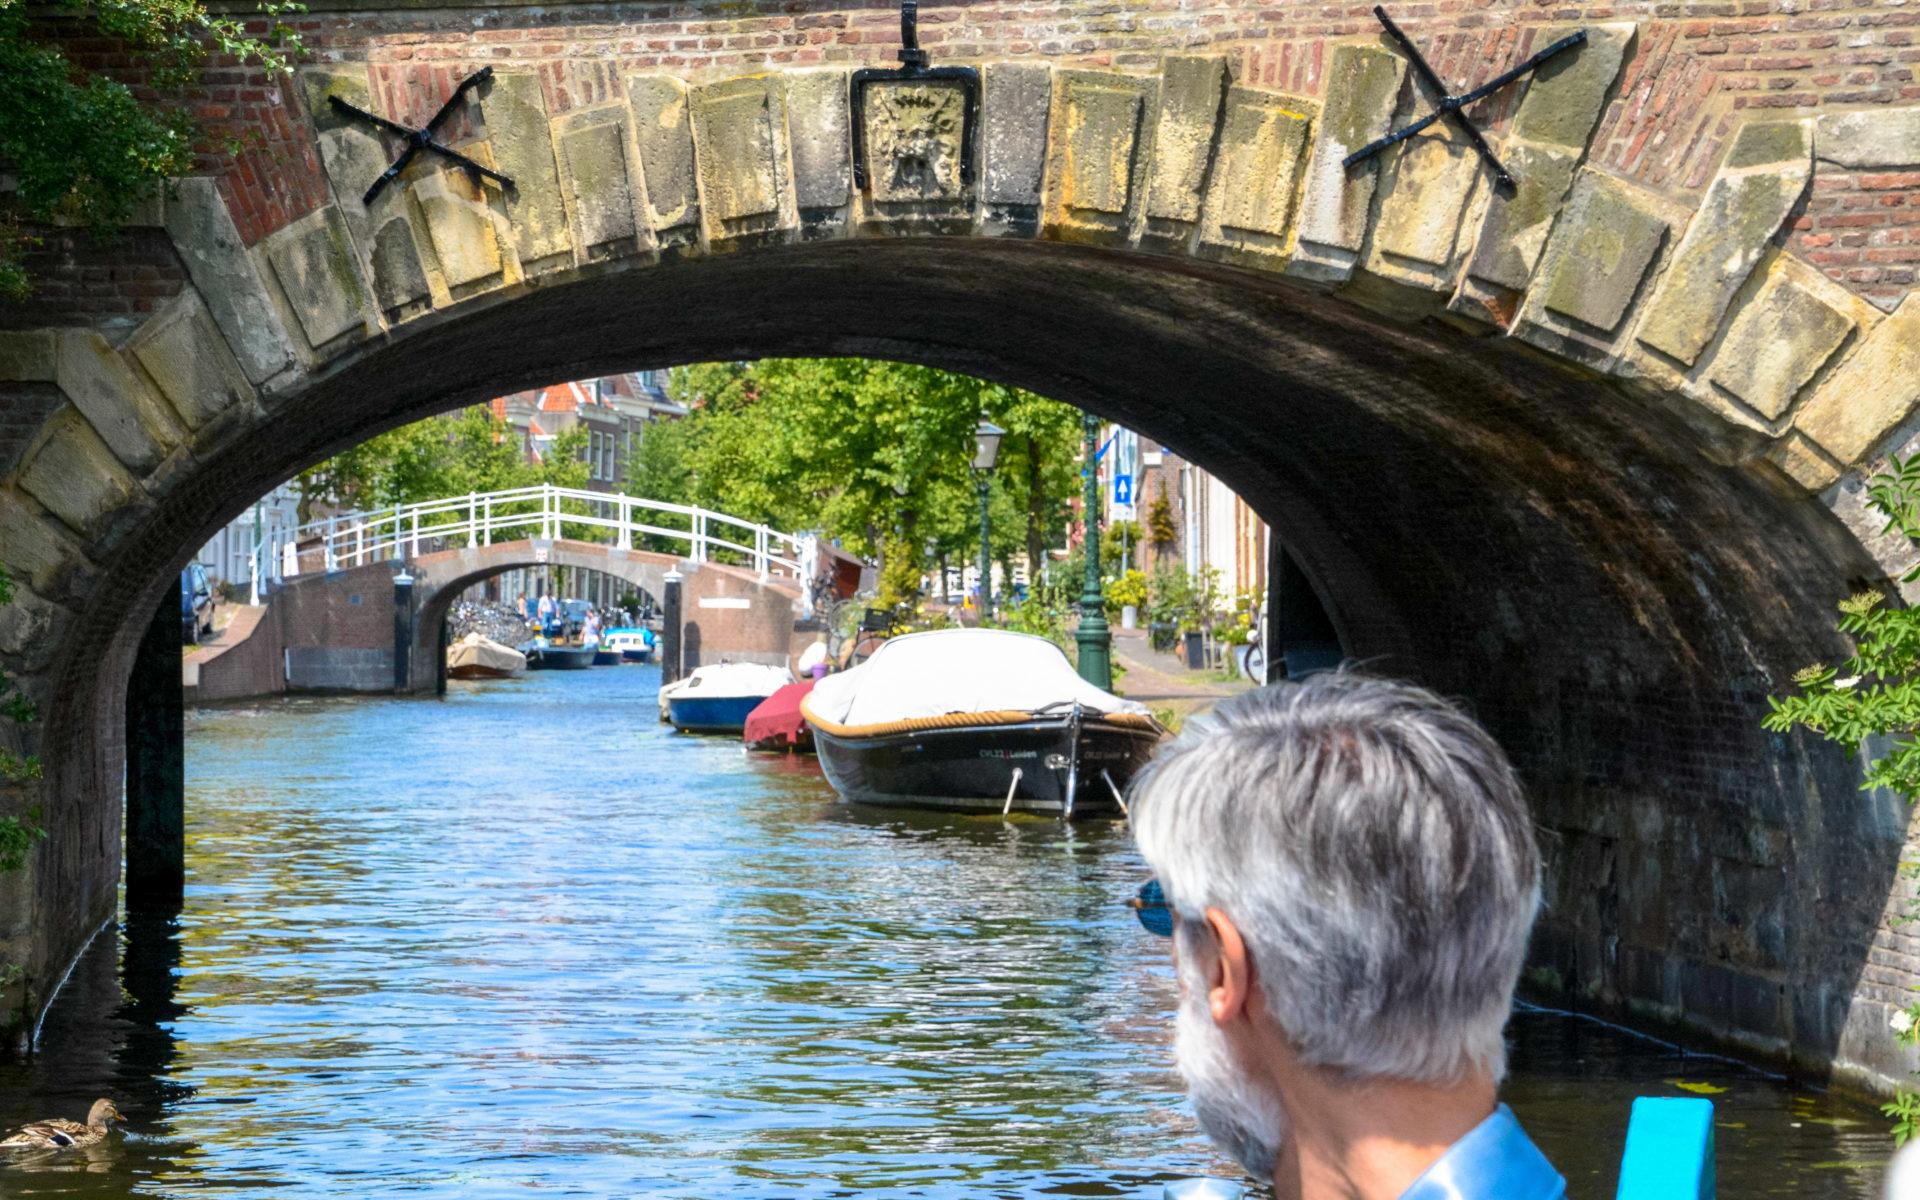 Grachtenrundfahrt in Leiden ist eine Top-Attraktion beim Stadturlaub in Leiden